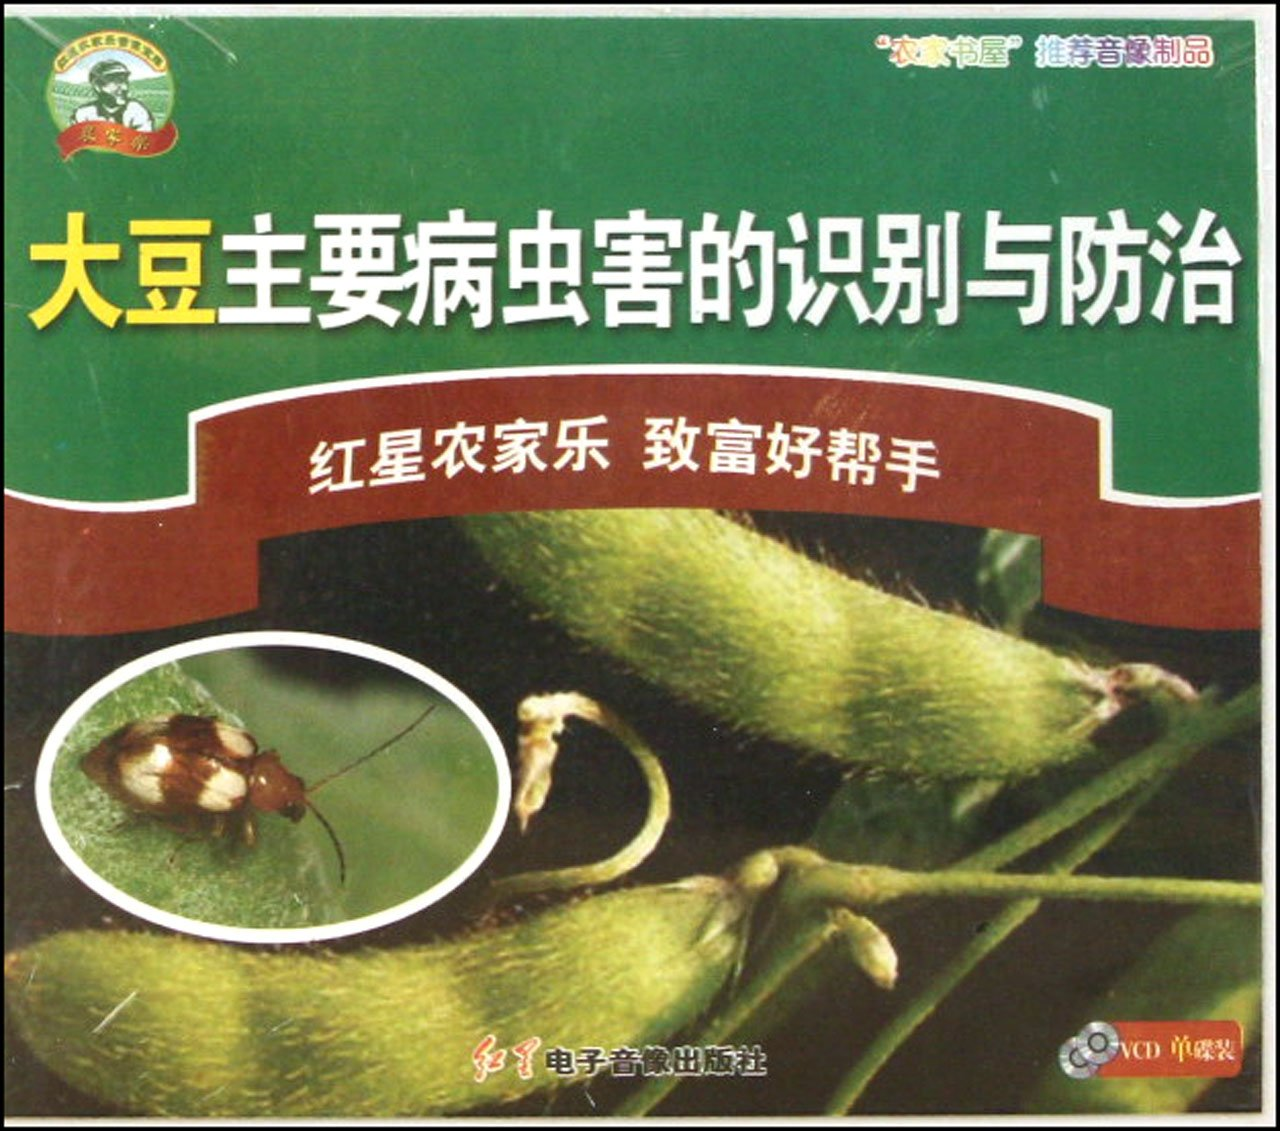 大豆主要病虫害的识别与防治(vcd)